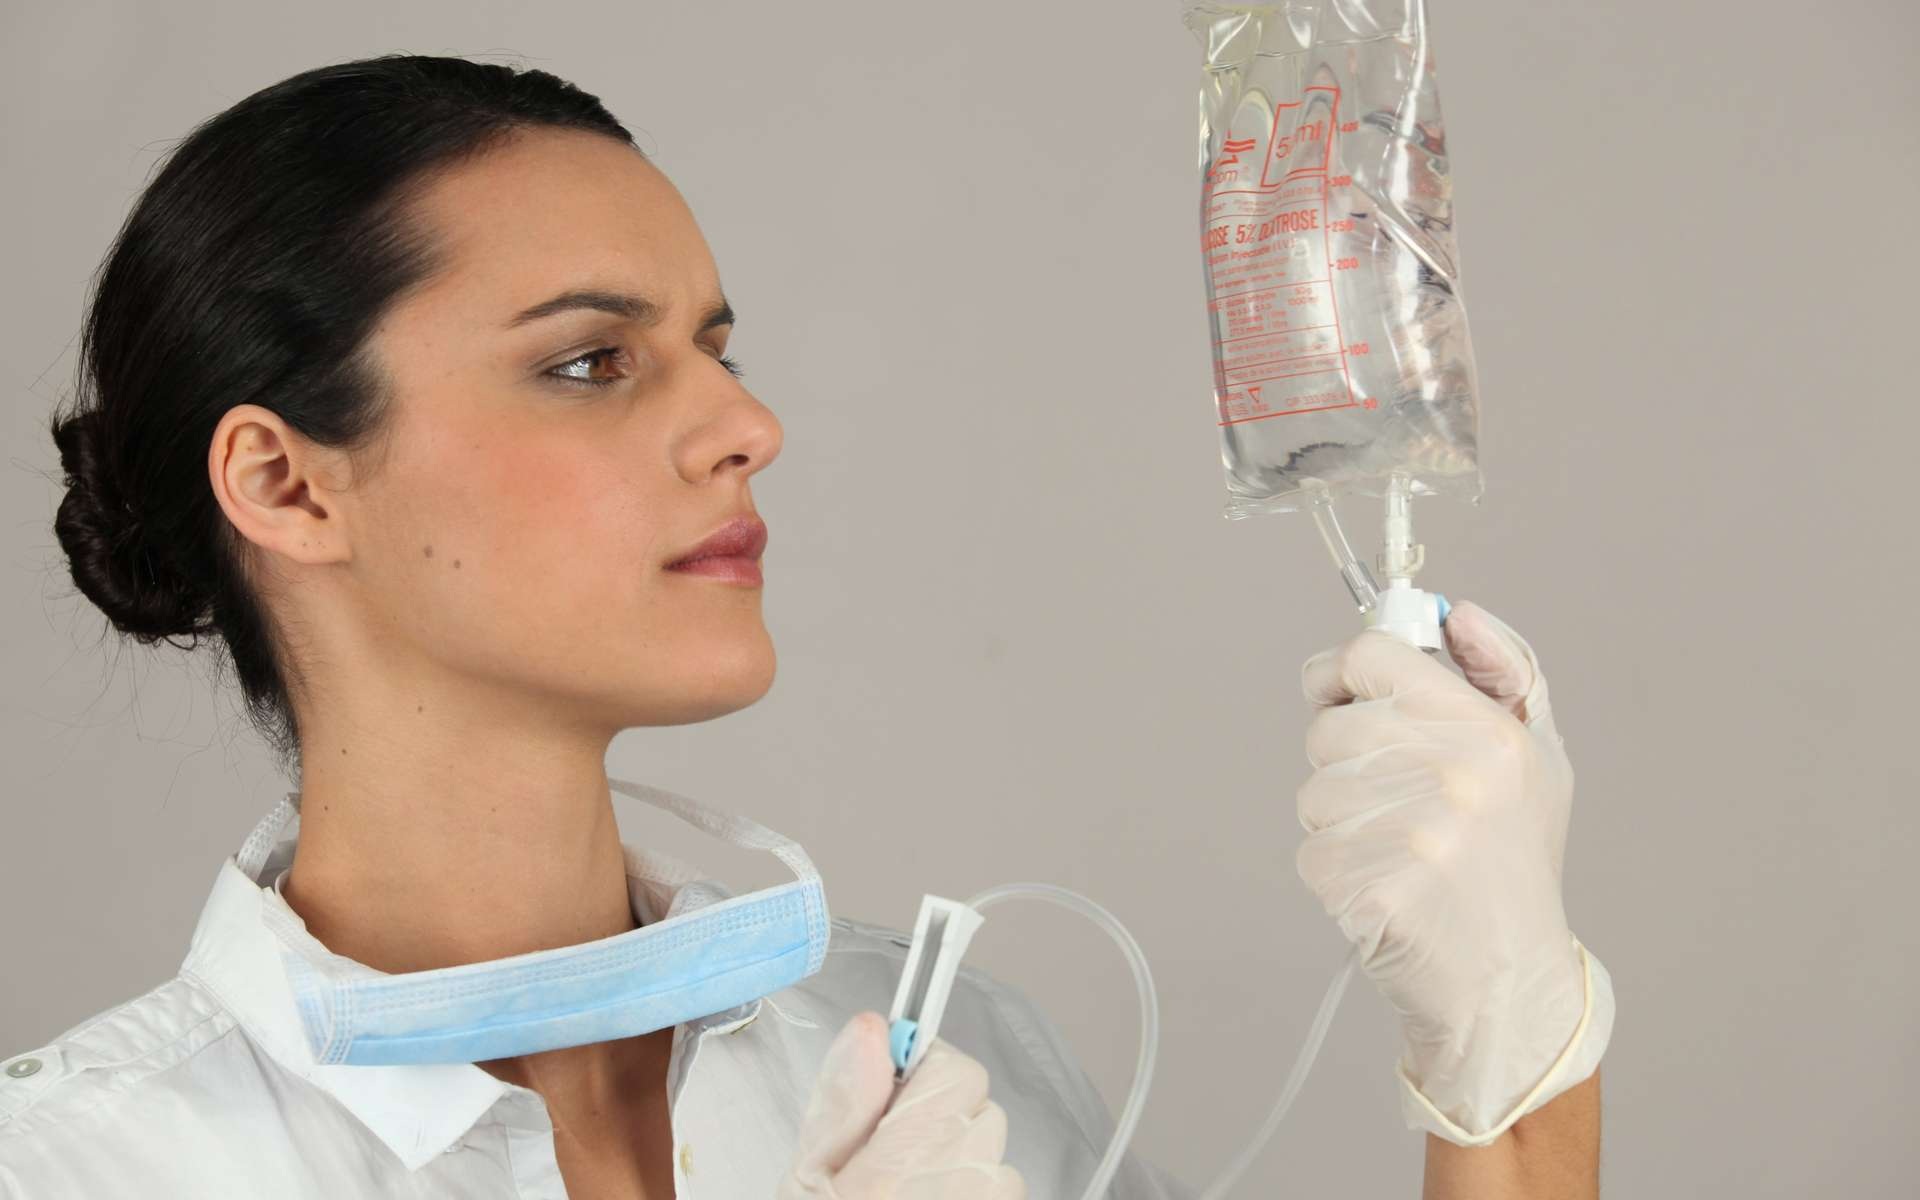 Les anesthésiants analgésiques sont aussi appelés morphiniques. © Phovoir